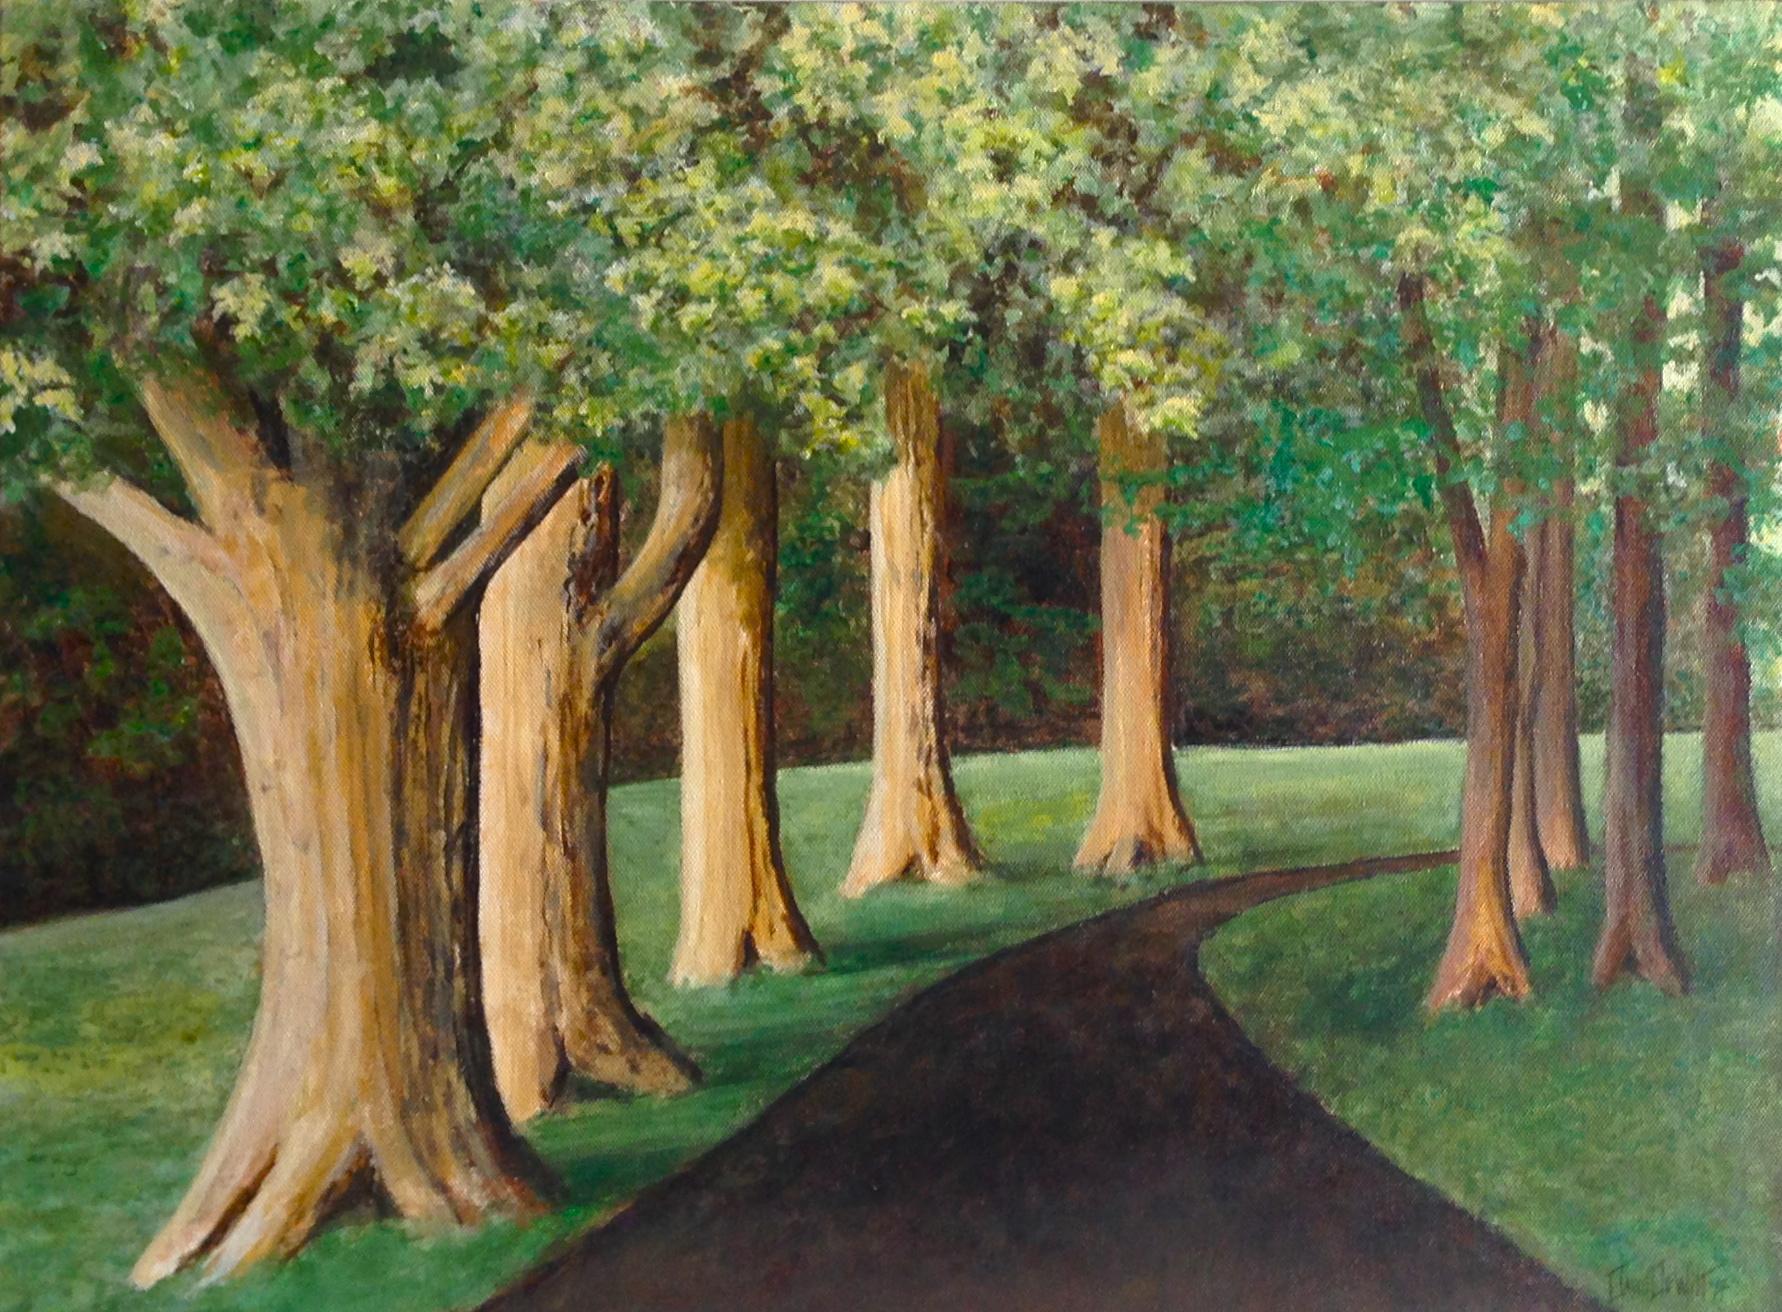 Trail of Oaks, by David DeWitt